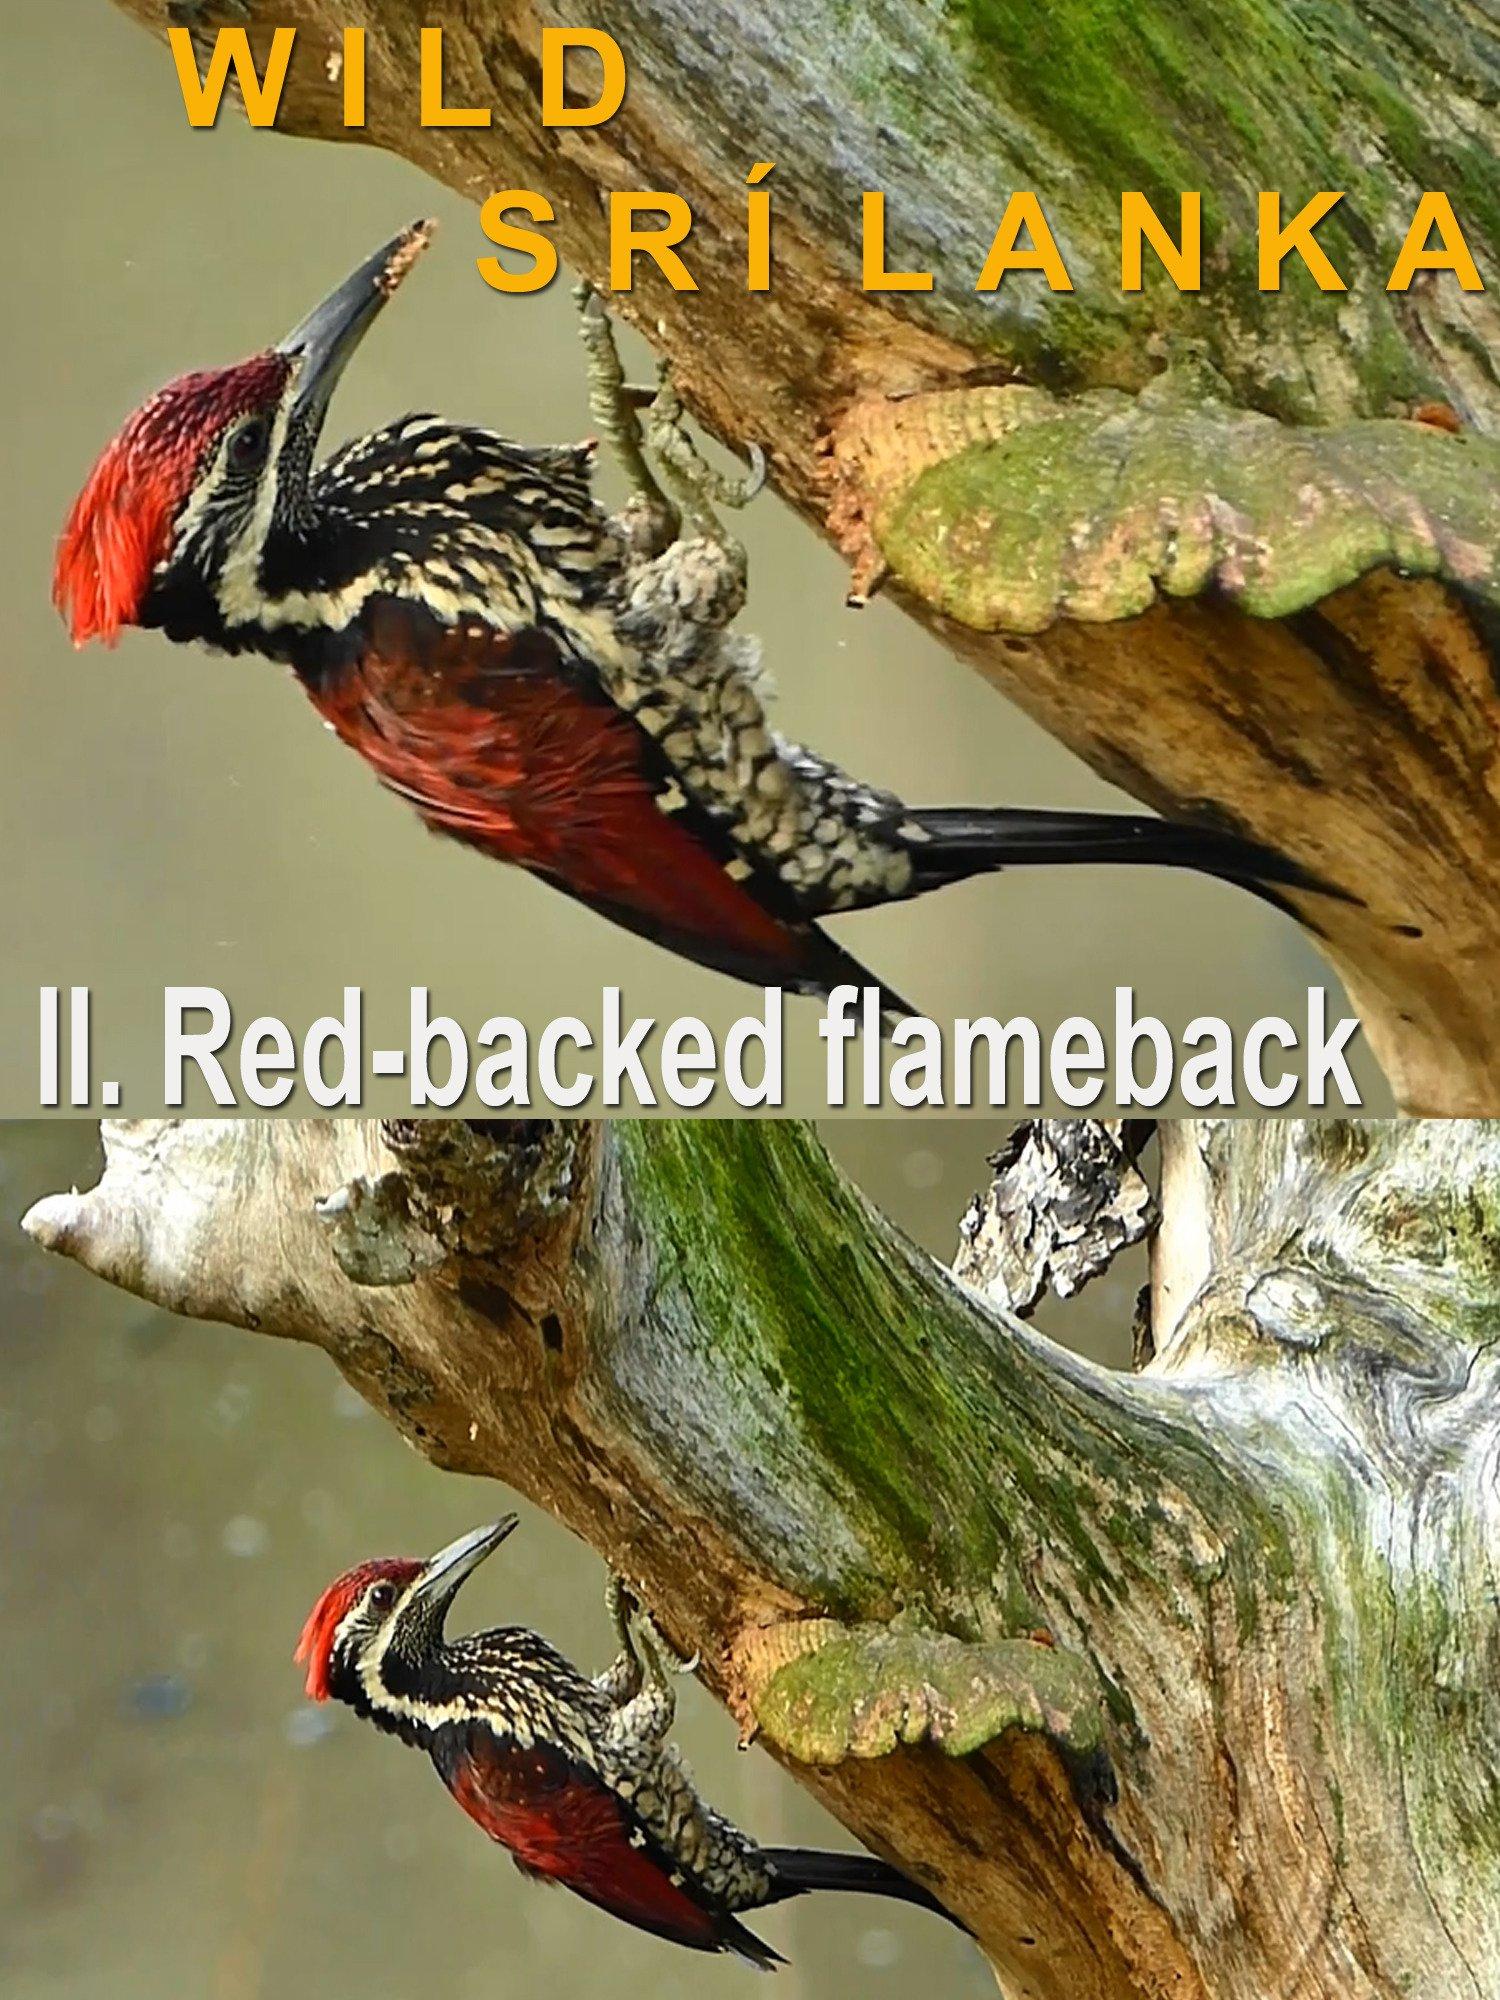 Wild Sri Lanka. II. Red-backed flameback on Amazon Prime Video UK